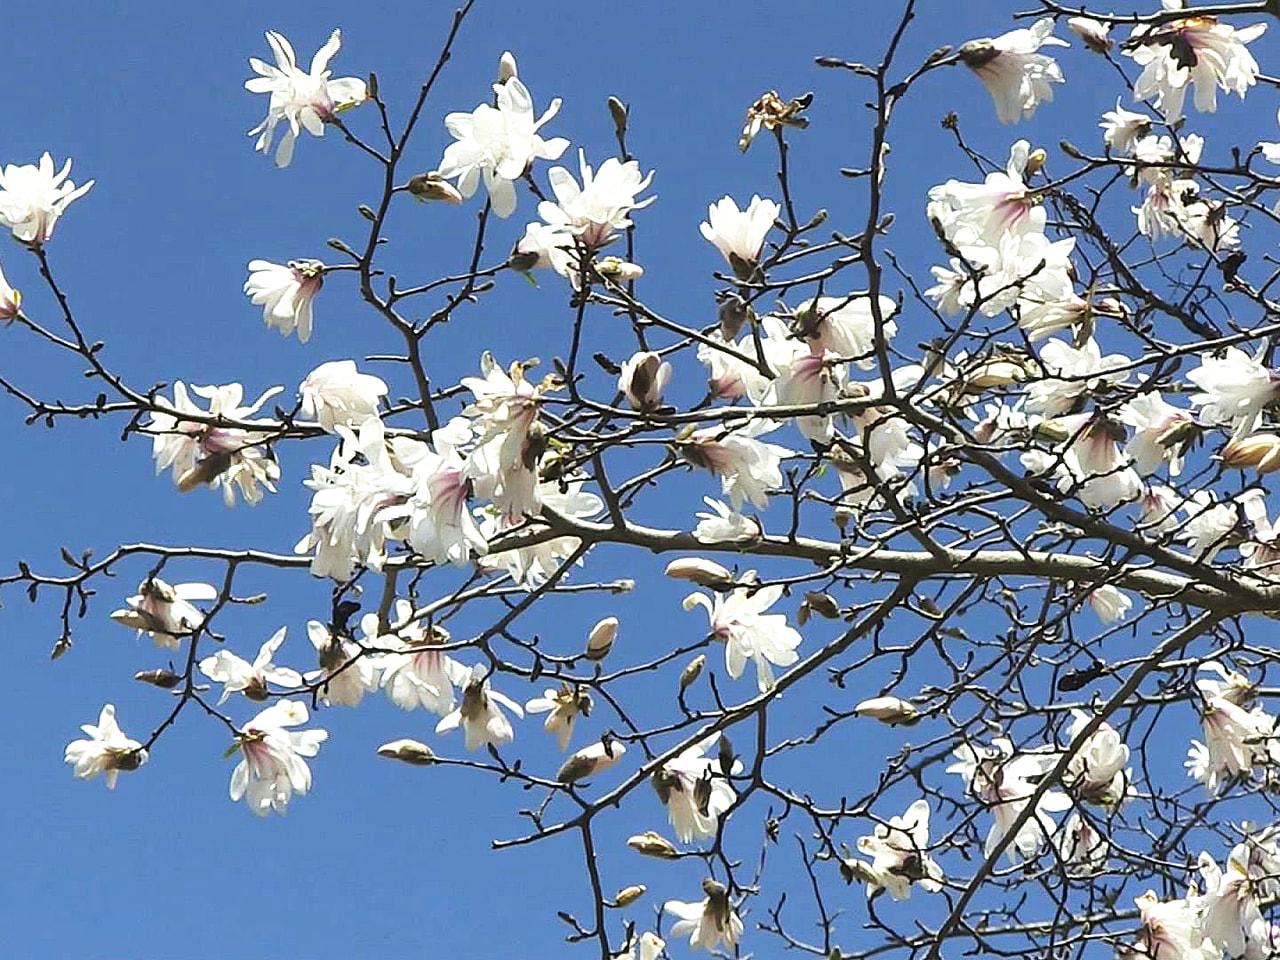 白や淡いピンクの花を咲かせて「生きた化石」と呼ばれるシデコブシが、岐阜県中津川市...